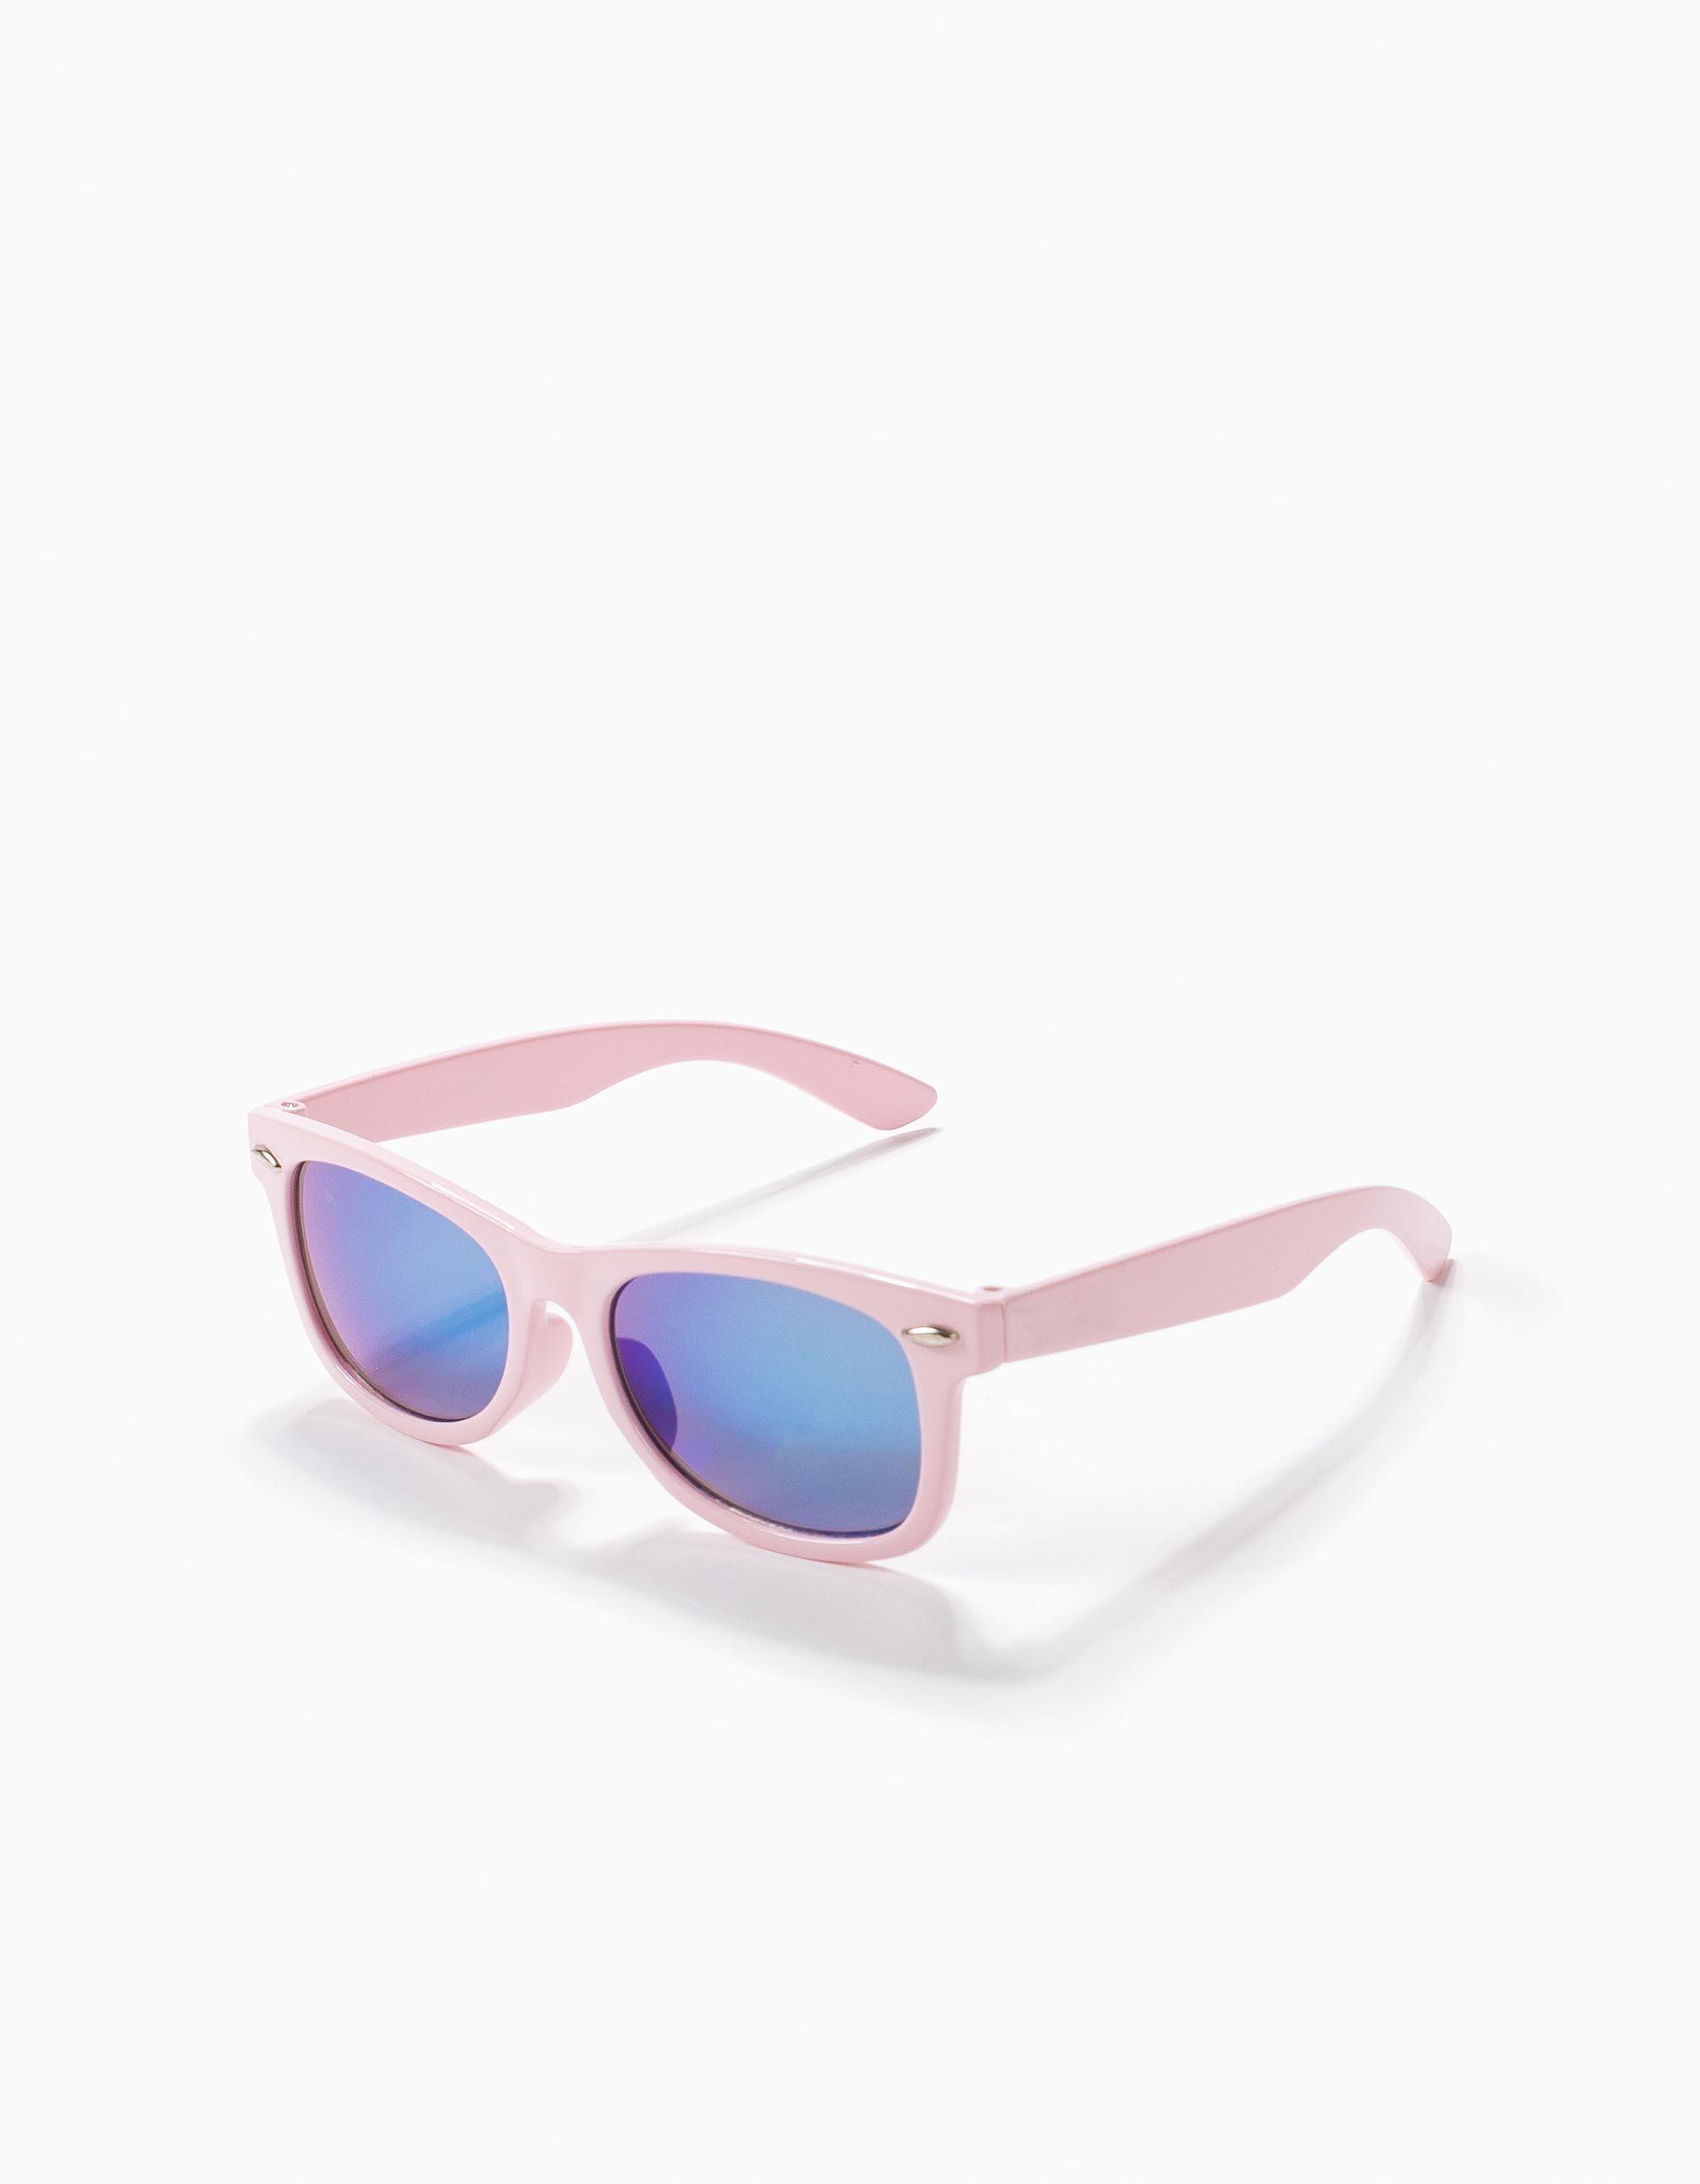 Zippy 6 meses - 2 anos  Óculos de sol (rosa). Óculos de sol em PVC ... 77e6523d58